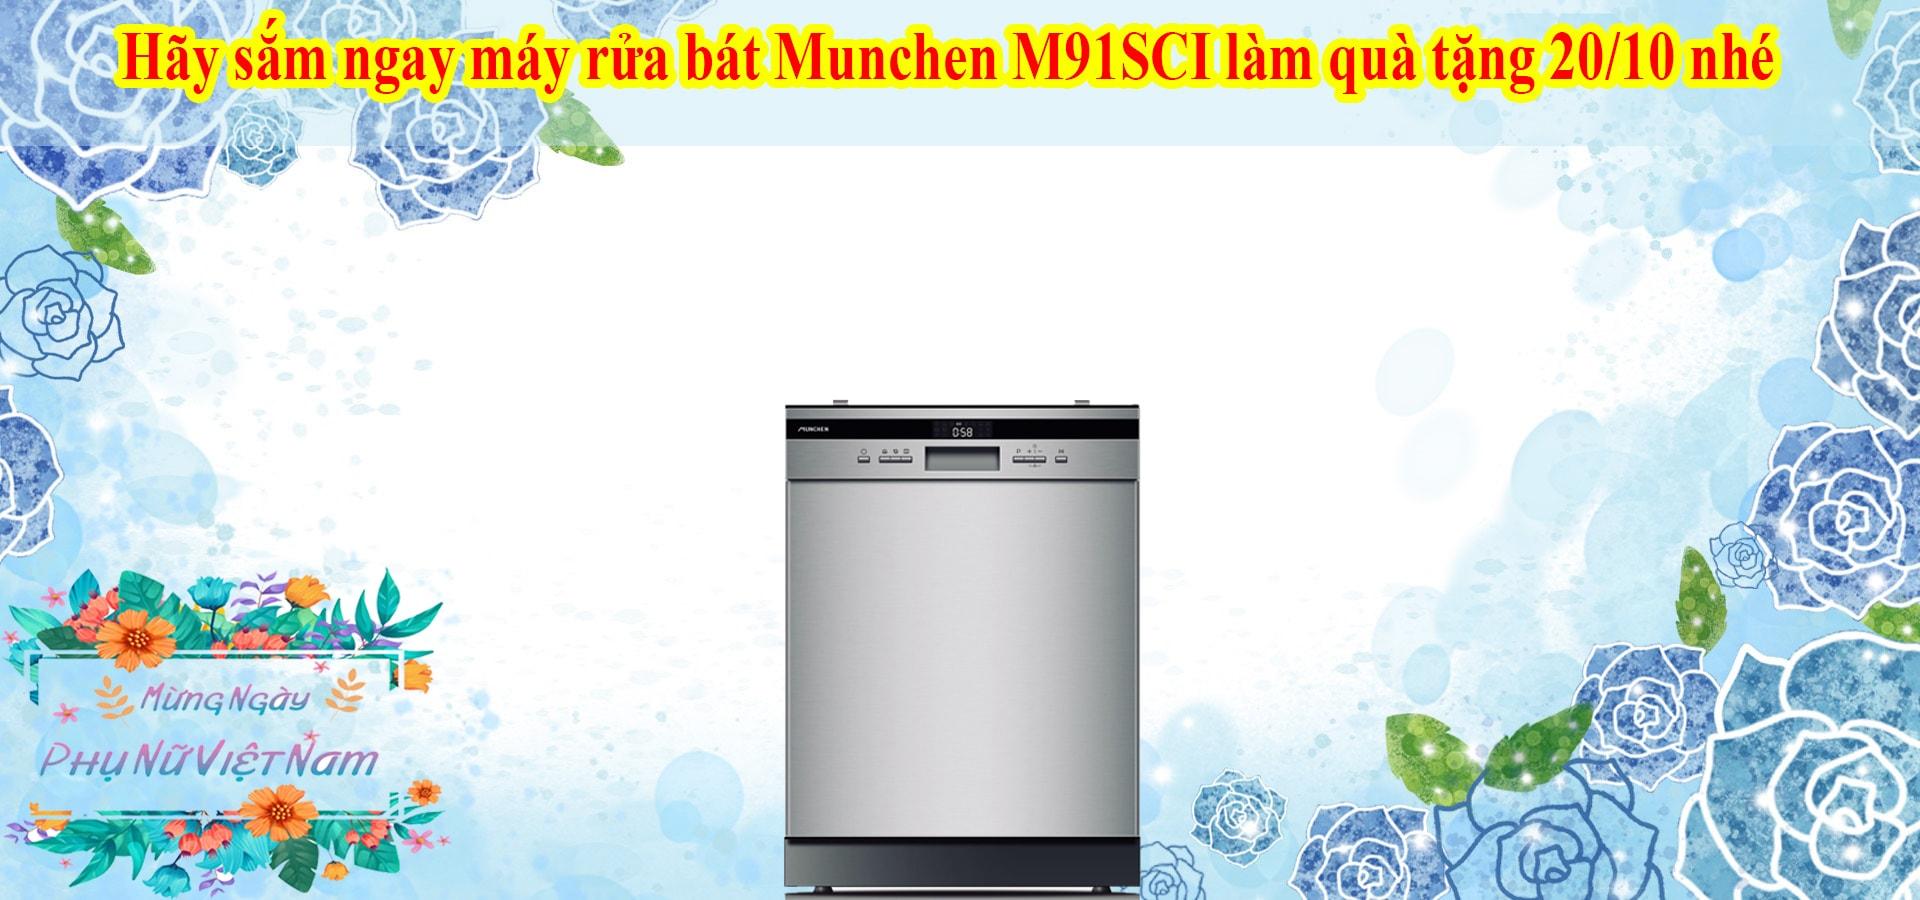 Hãy sắm ngay máy rửa bát Munchen M91SCI làm quà tặng 20/10 nhé